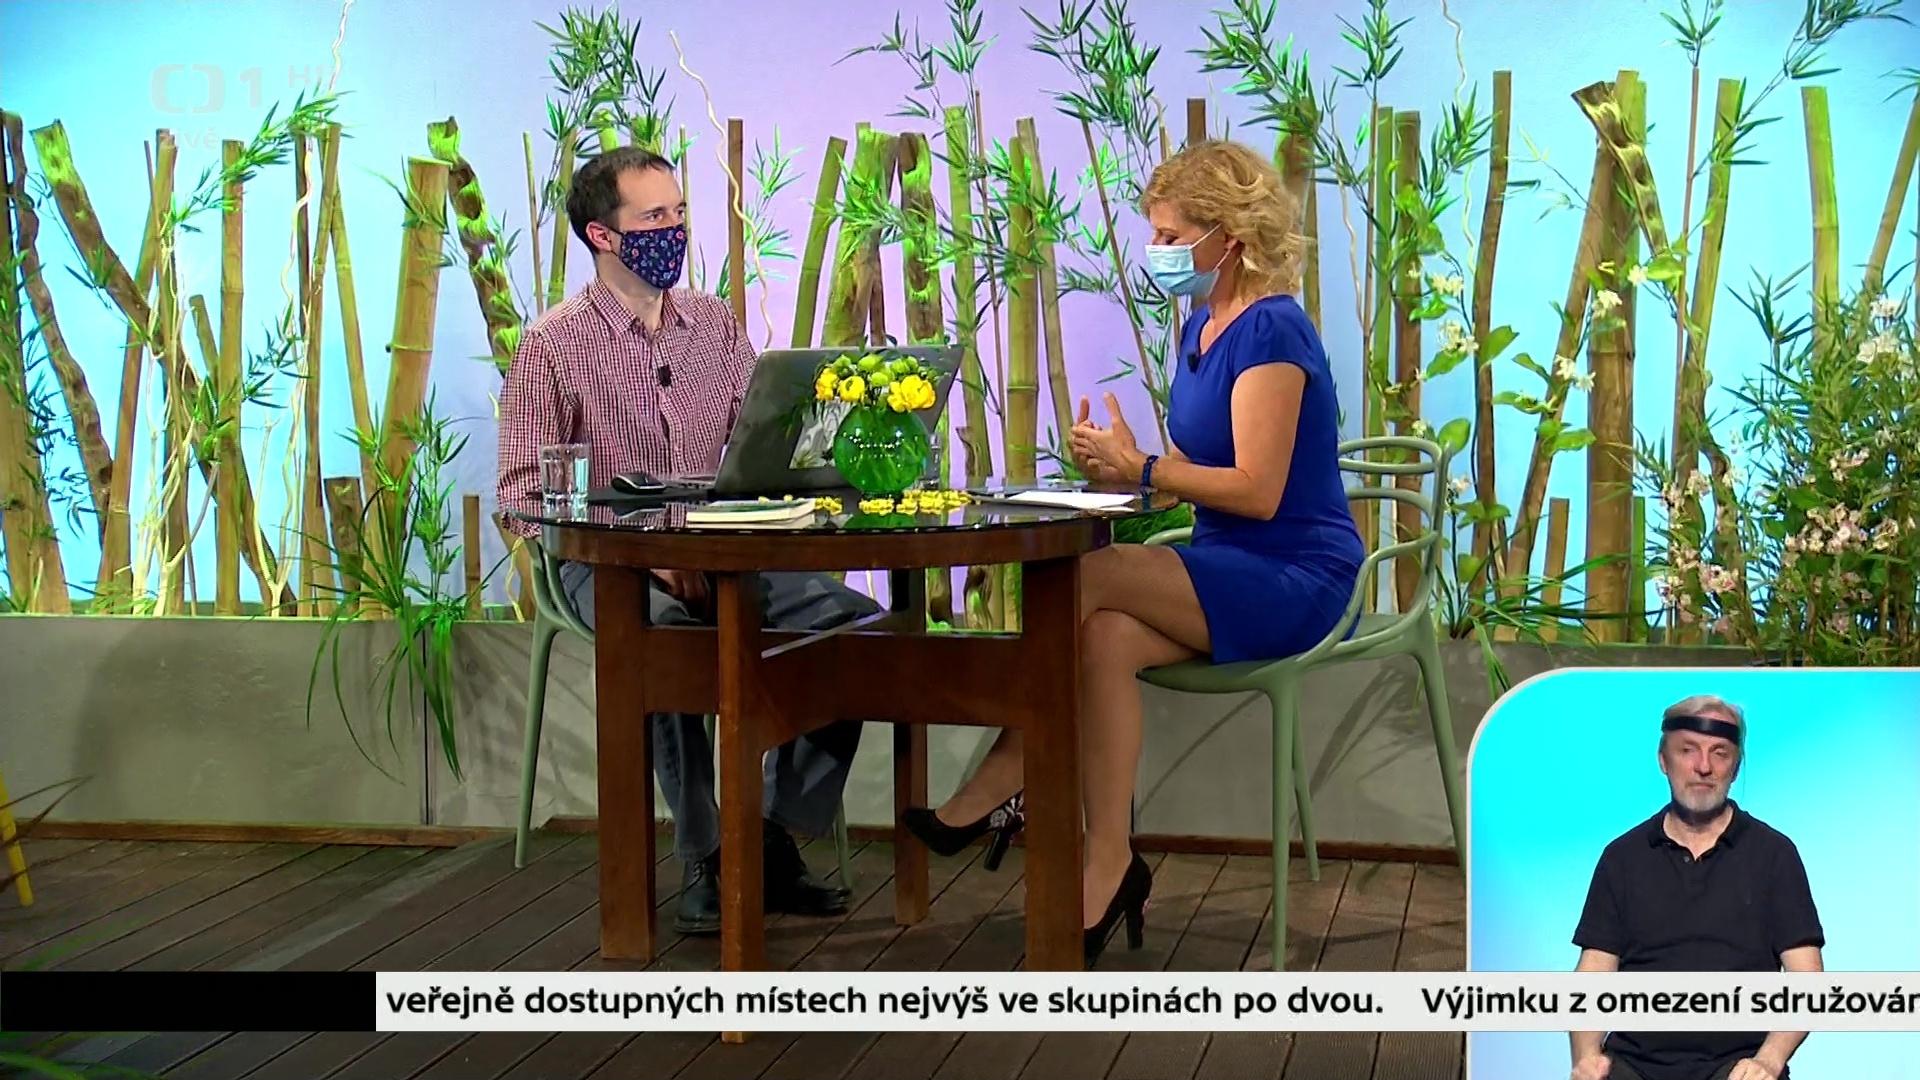 www.celebs4fan.cz-2020-05-02-16h57m50s560.jpg